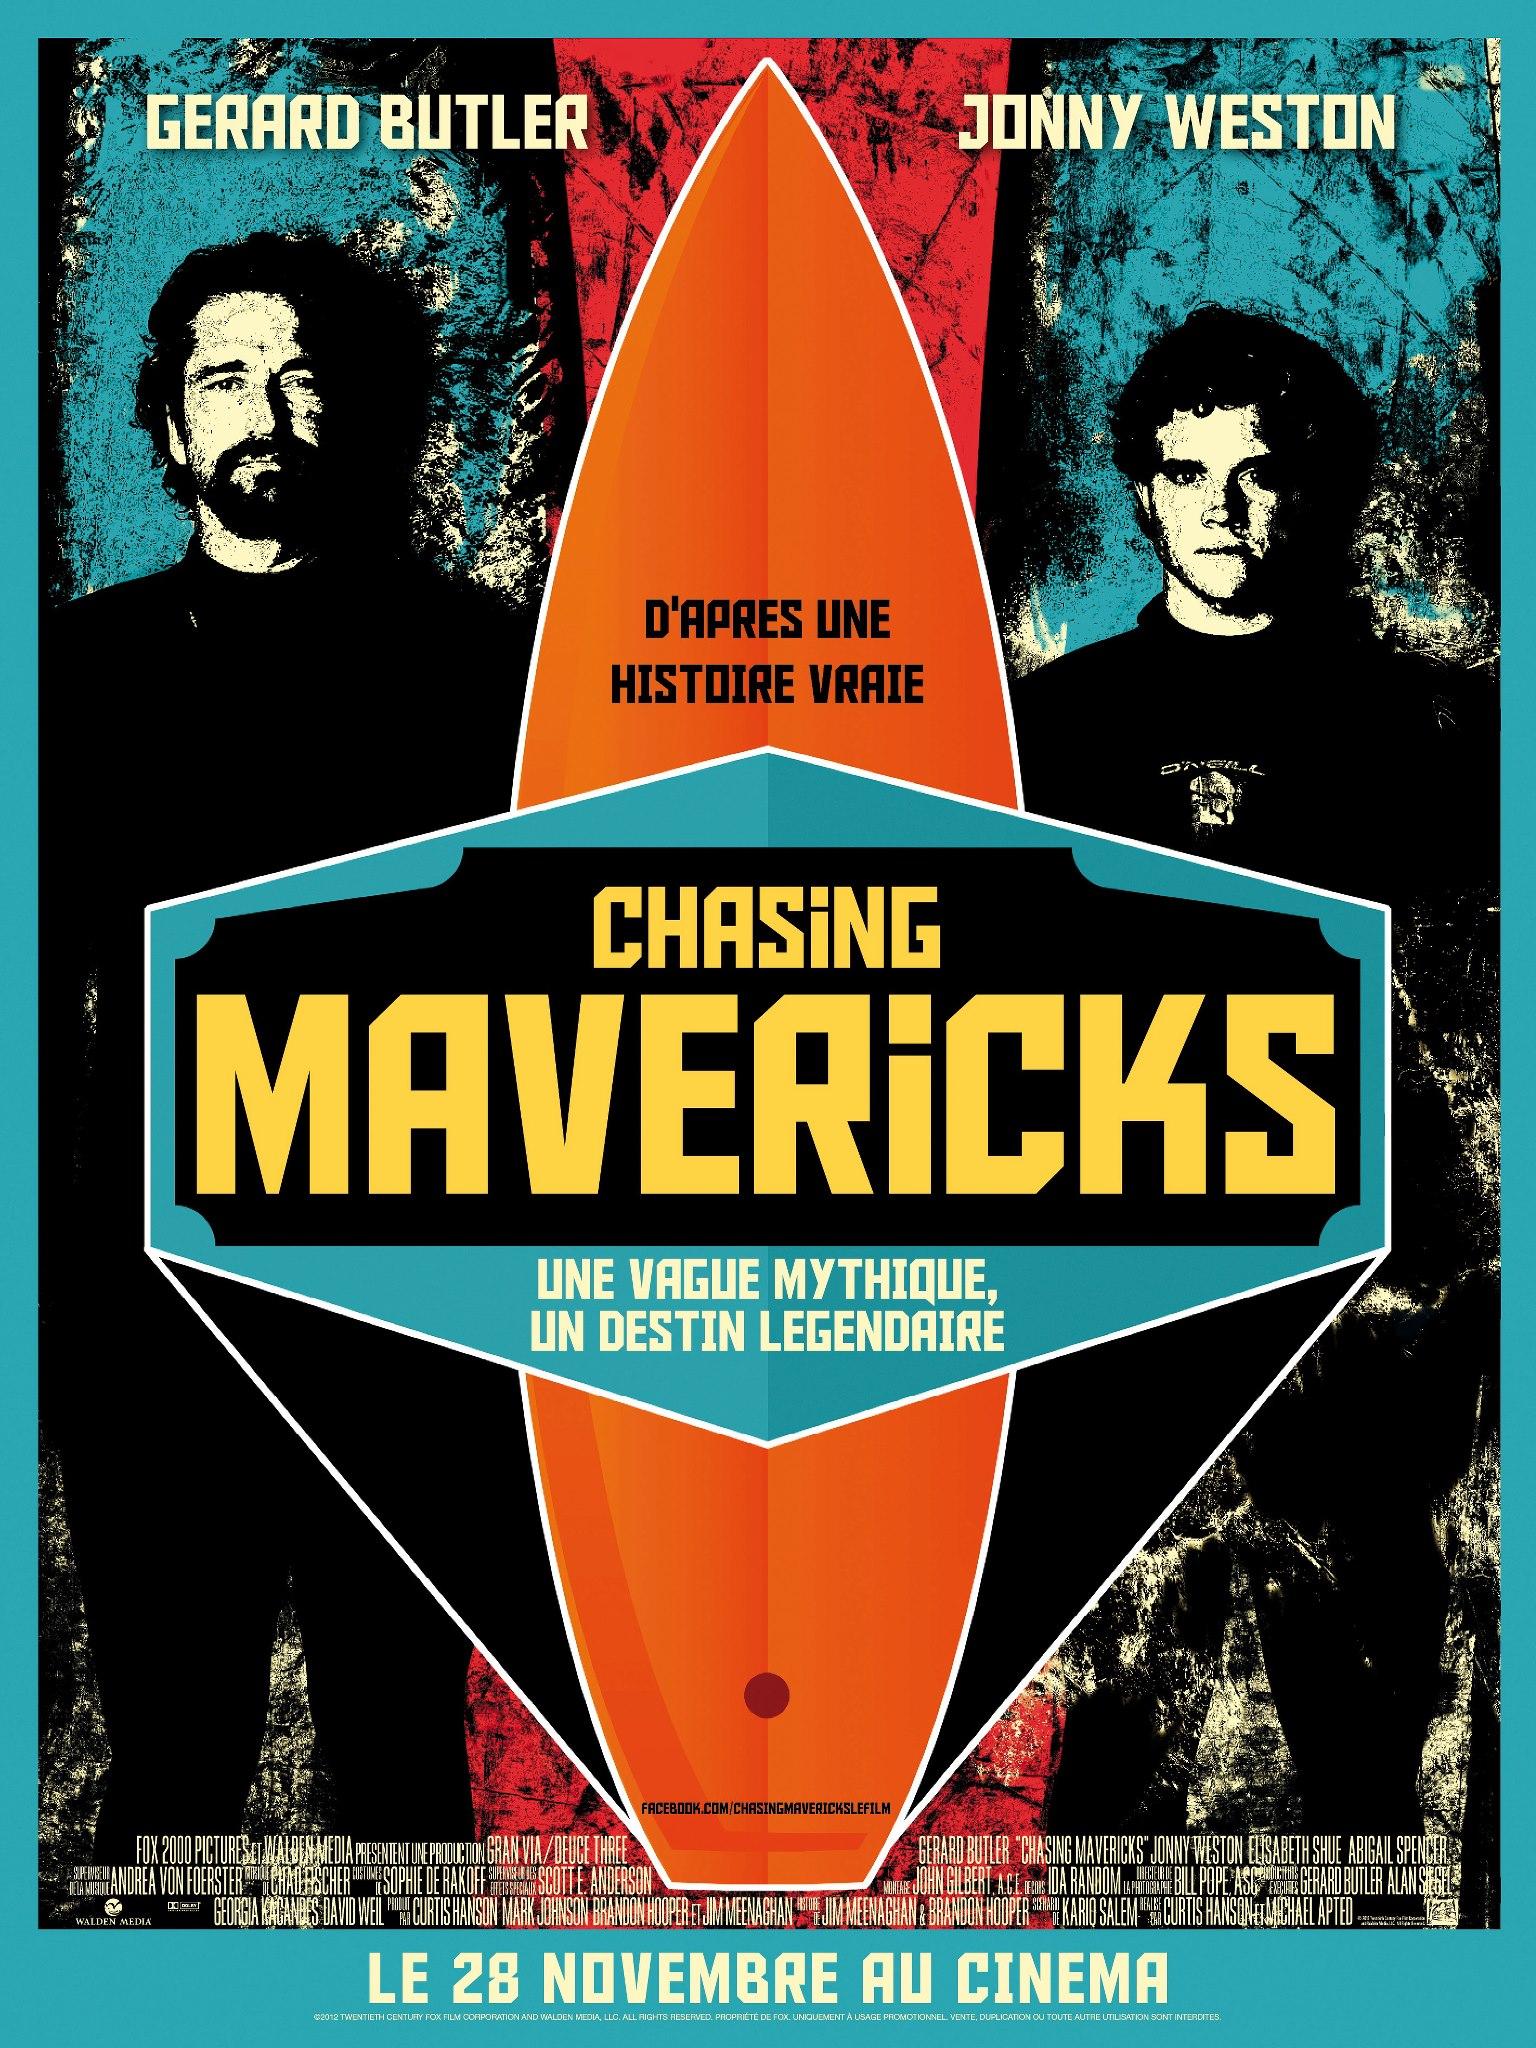 Chasing mavericks - películas de surf - surfeacomopuedas